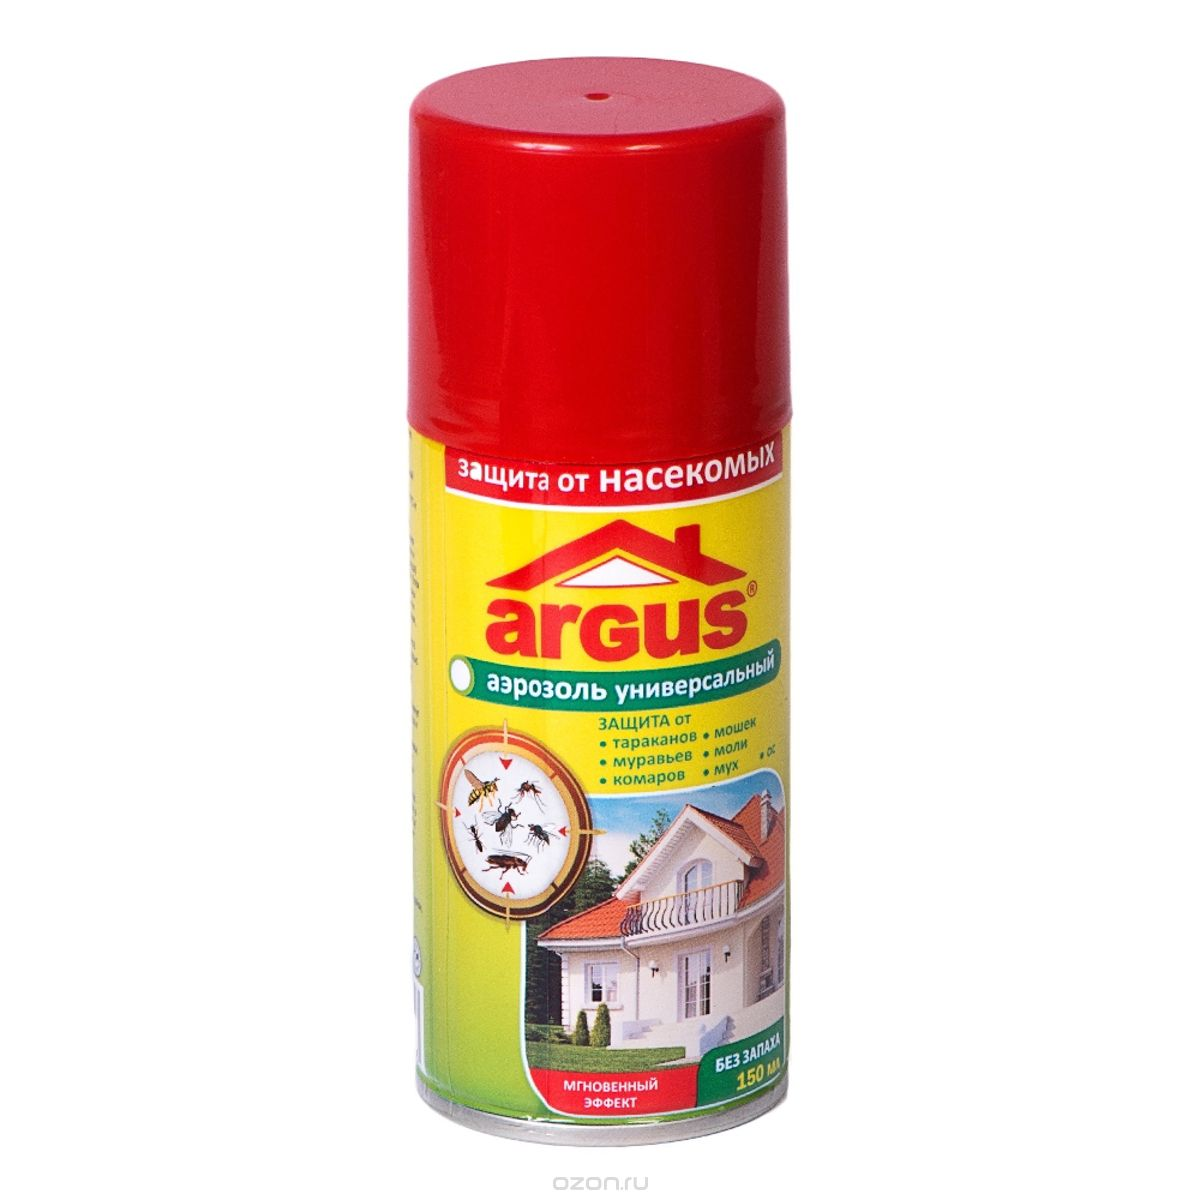 Аэрозоль от кровососущих насекомых Argus, 150 мл